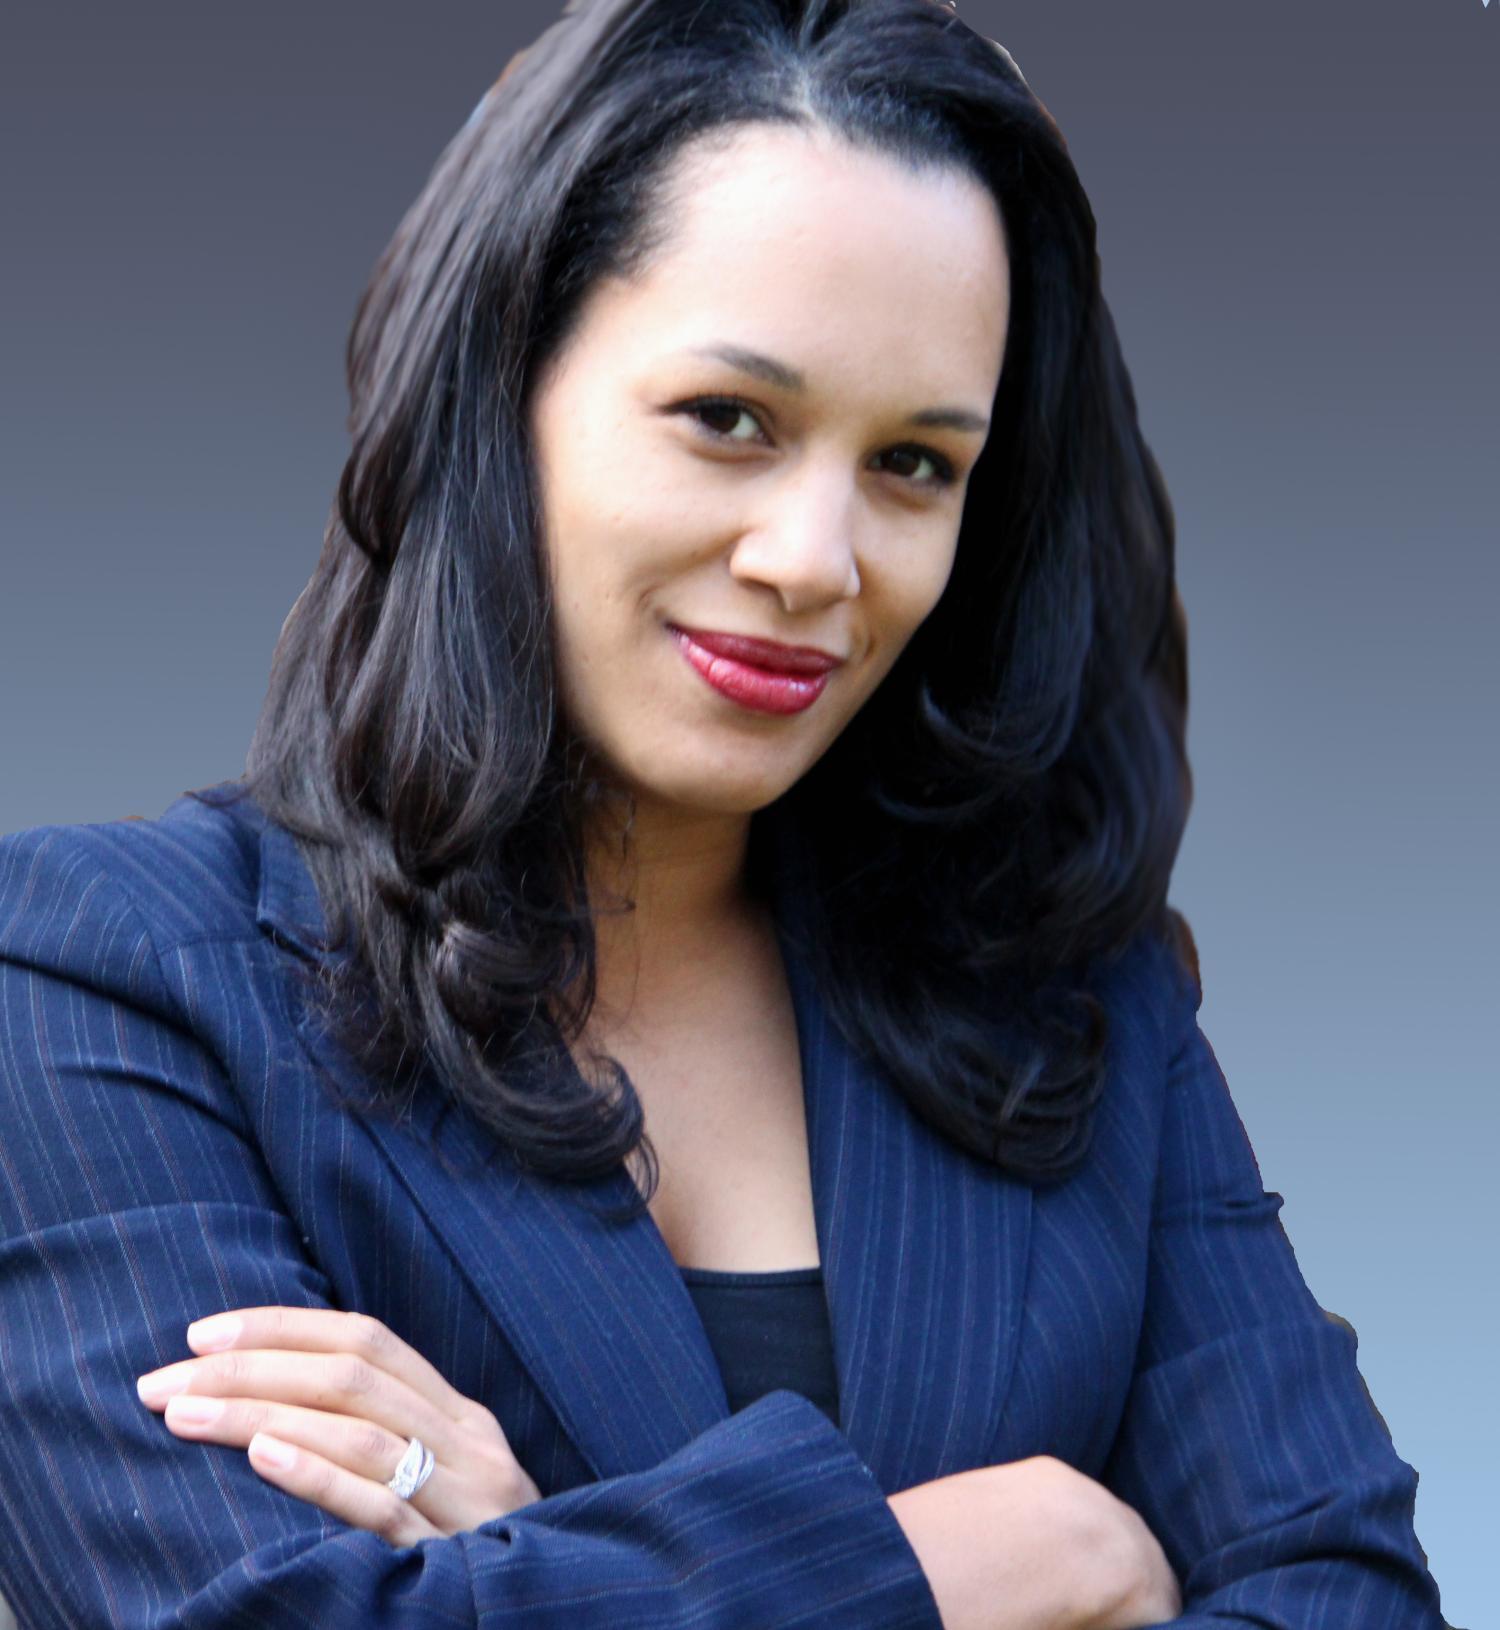 Associate Professor of Law Anna Spain Bradley